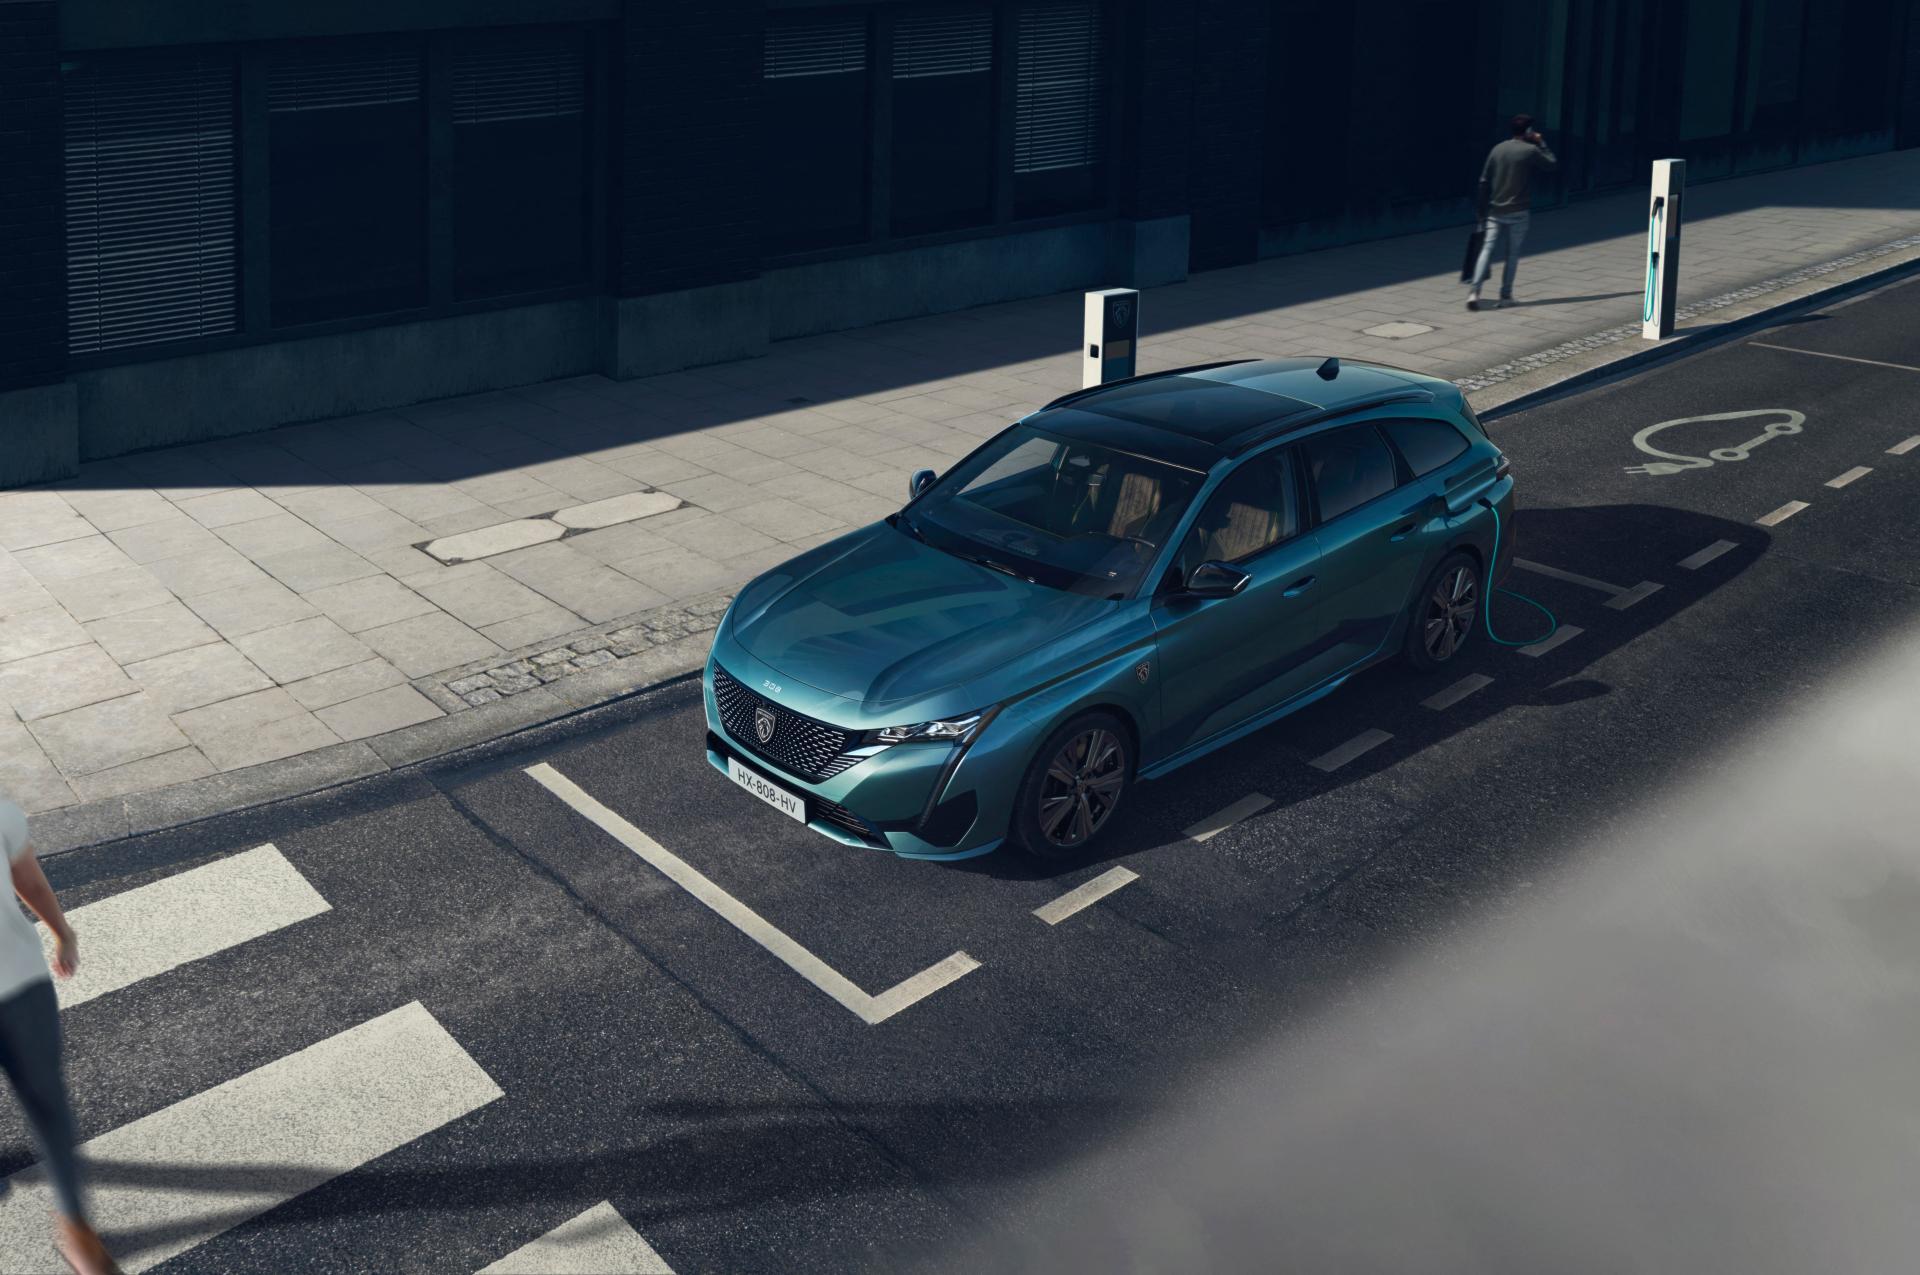 Entre su gama de motorizaciones no faltará dos versiones híbridas enchufables, con autonomía 100 % eléctrica de hasta 60 km.